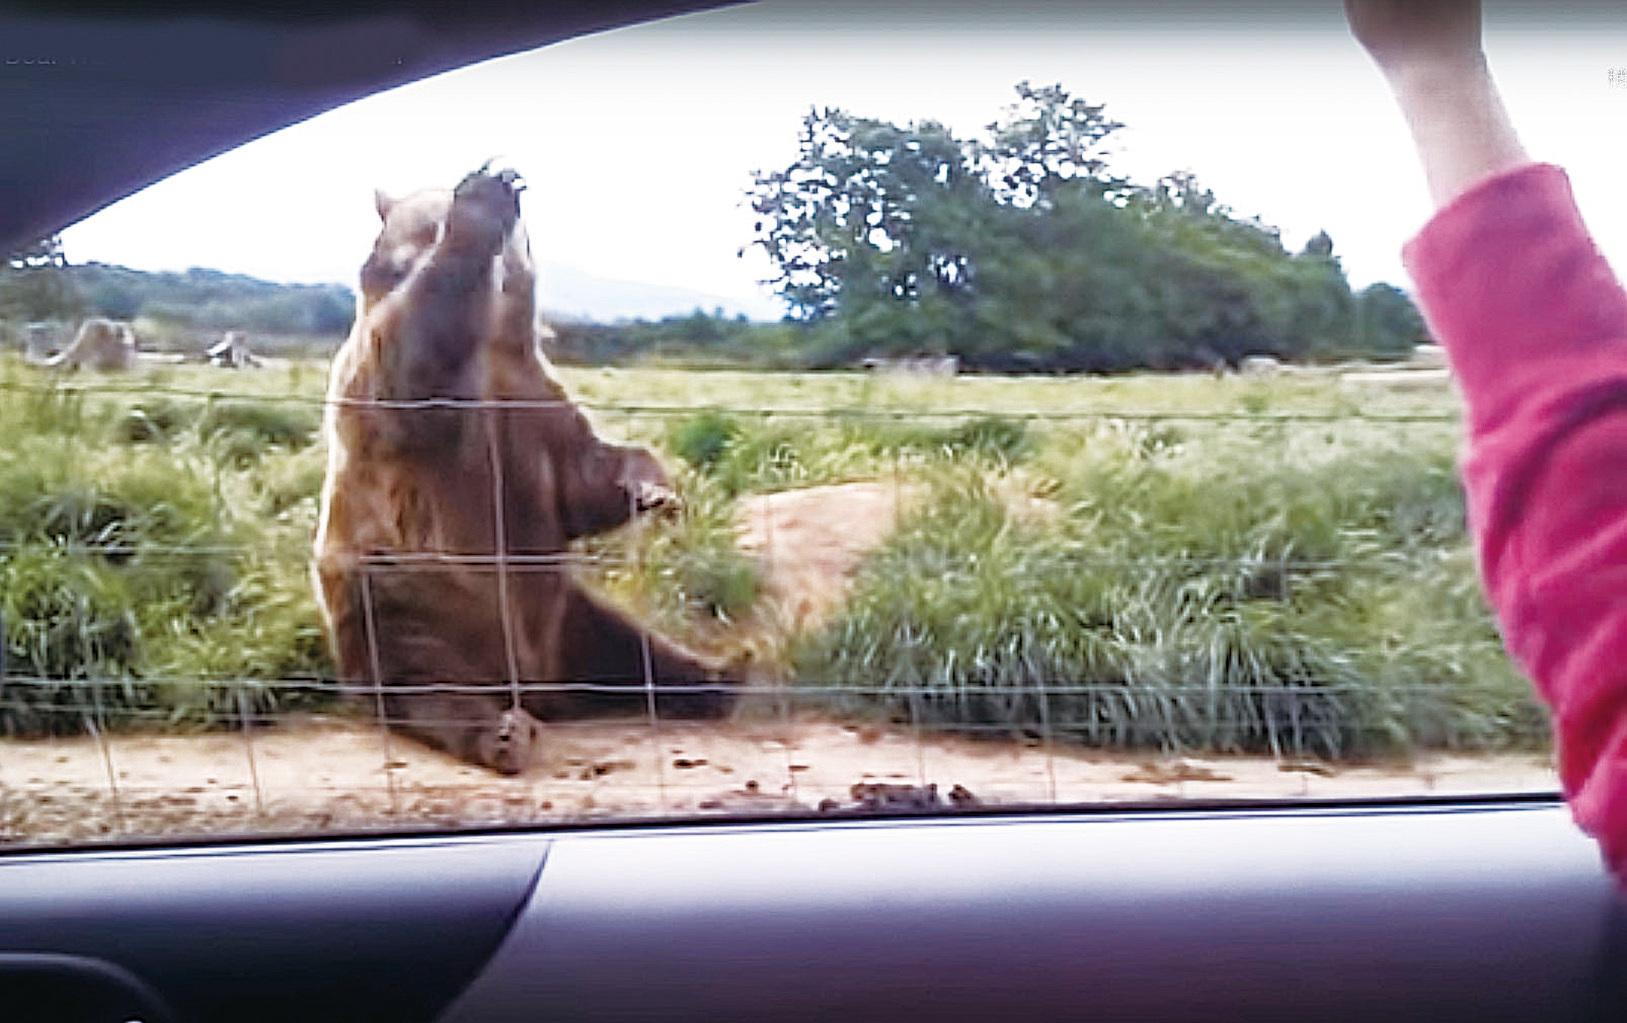 有人駕車經過,和棕熊招手,這隻大棕熊就會禮貌地揮手。(短片截圖)